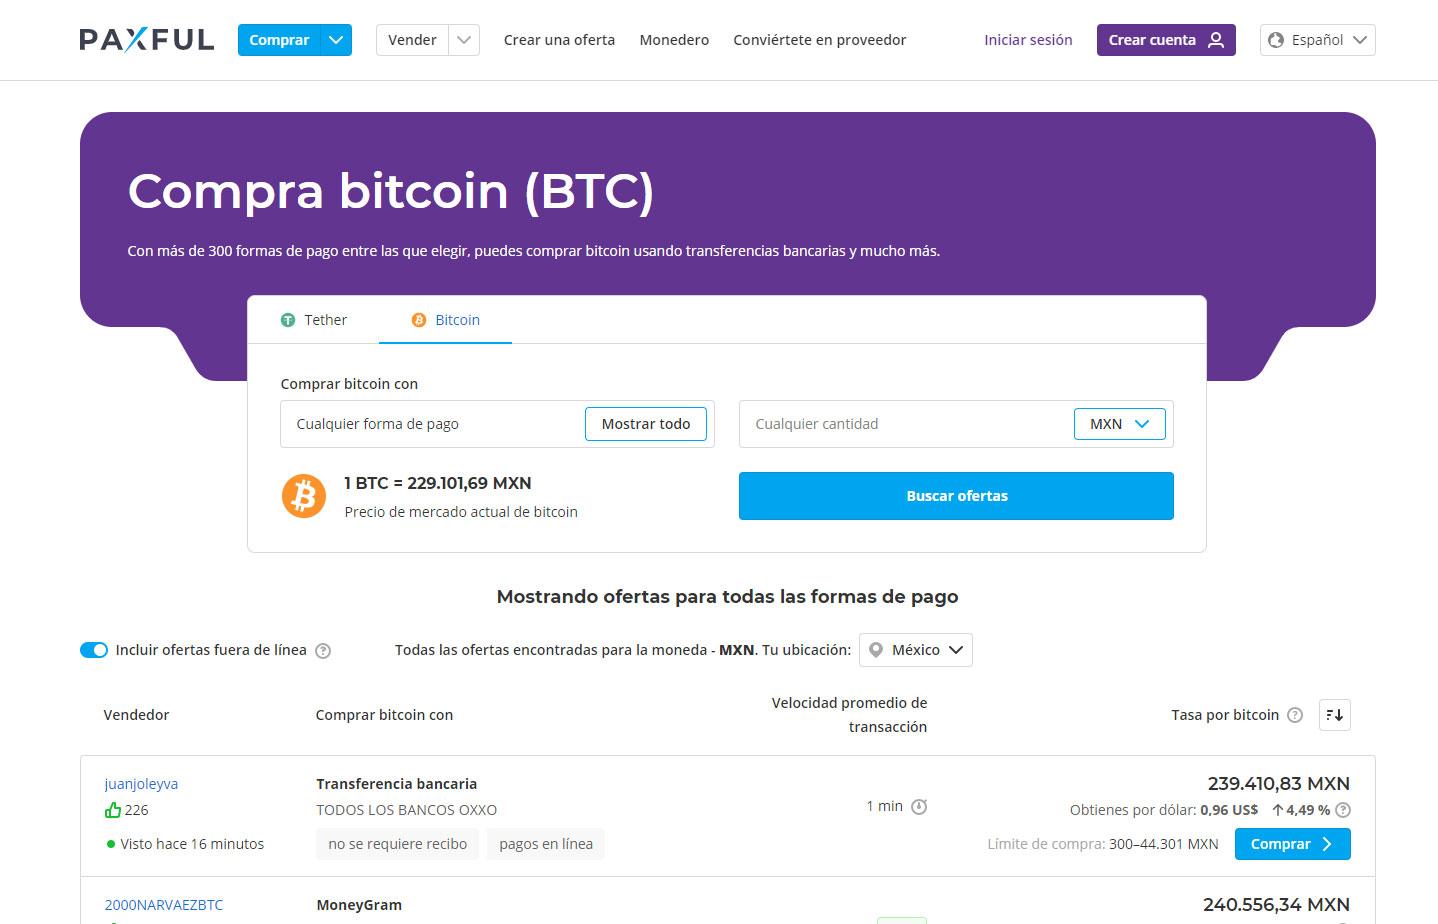 Comprar bitcoin en paxful